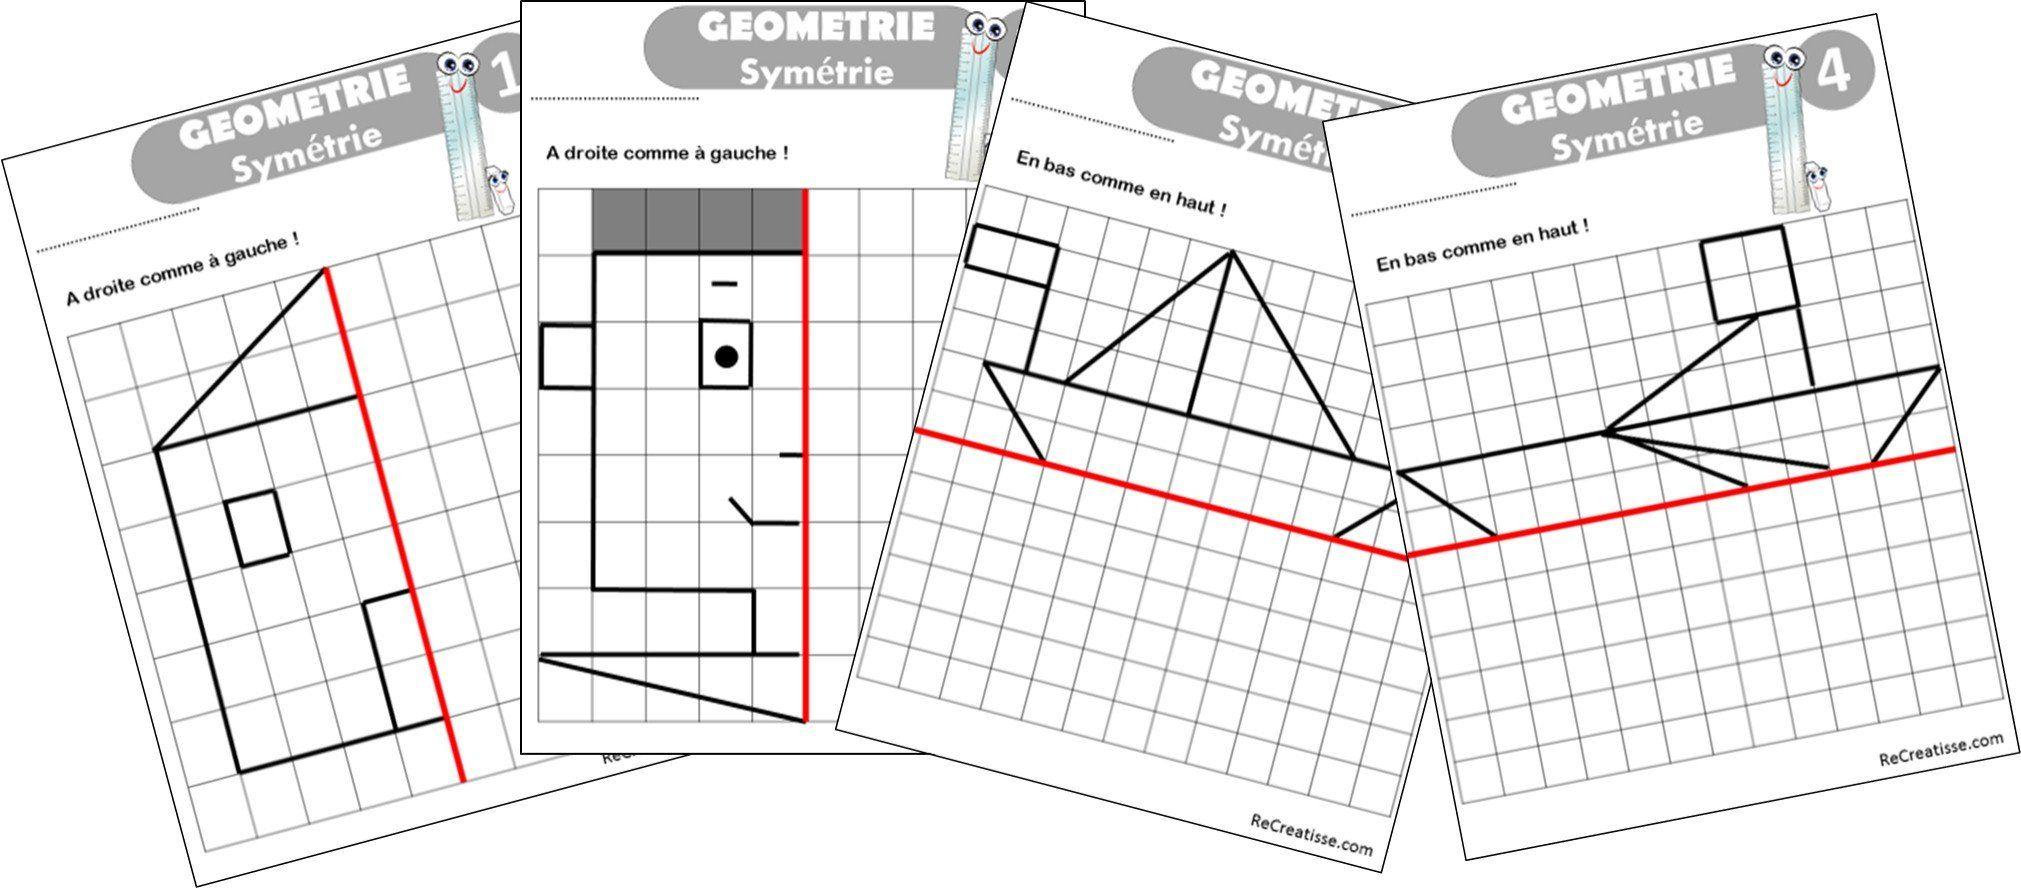 Geometrie : Ateliers Symétrie Et Exercices | Axe De Symétrie avec Symétrie Cm1 Évaluation